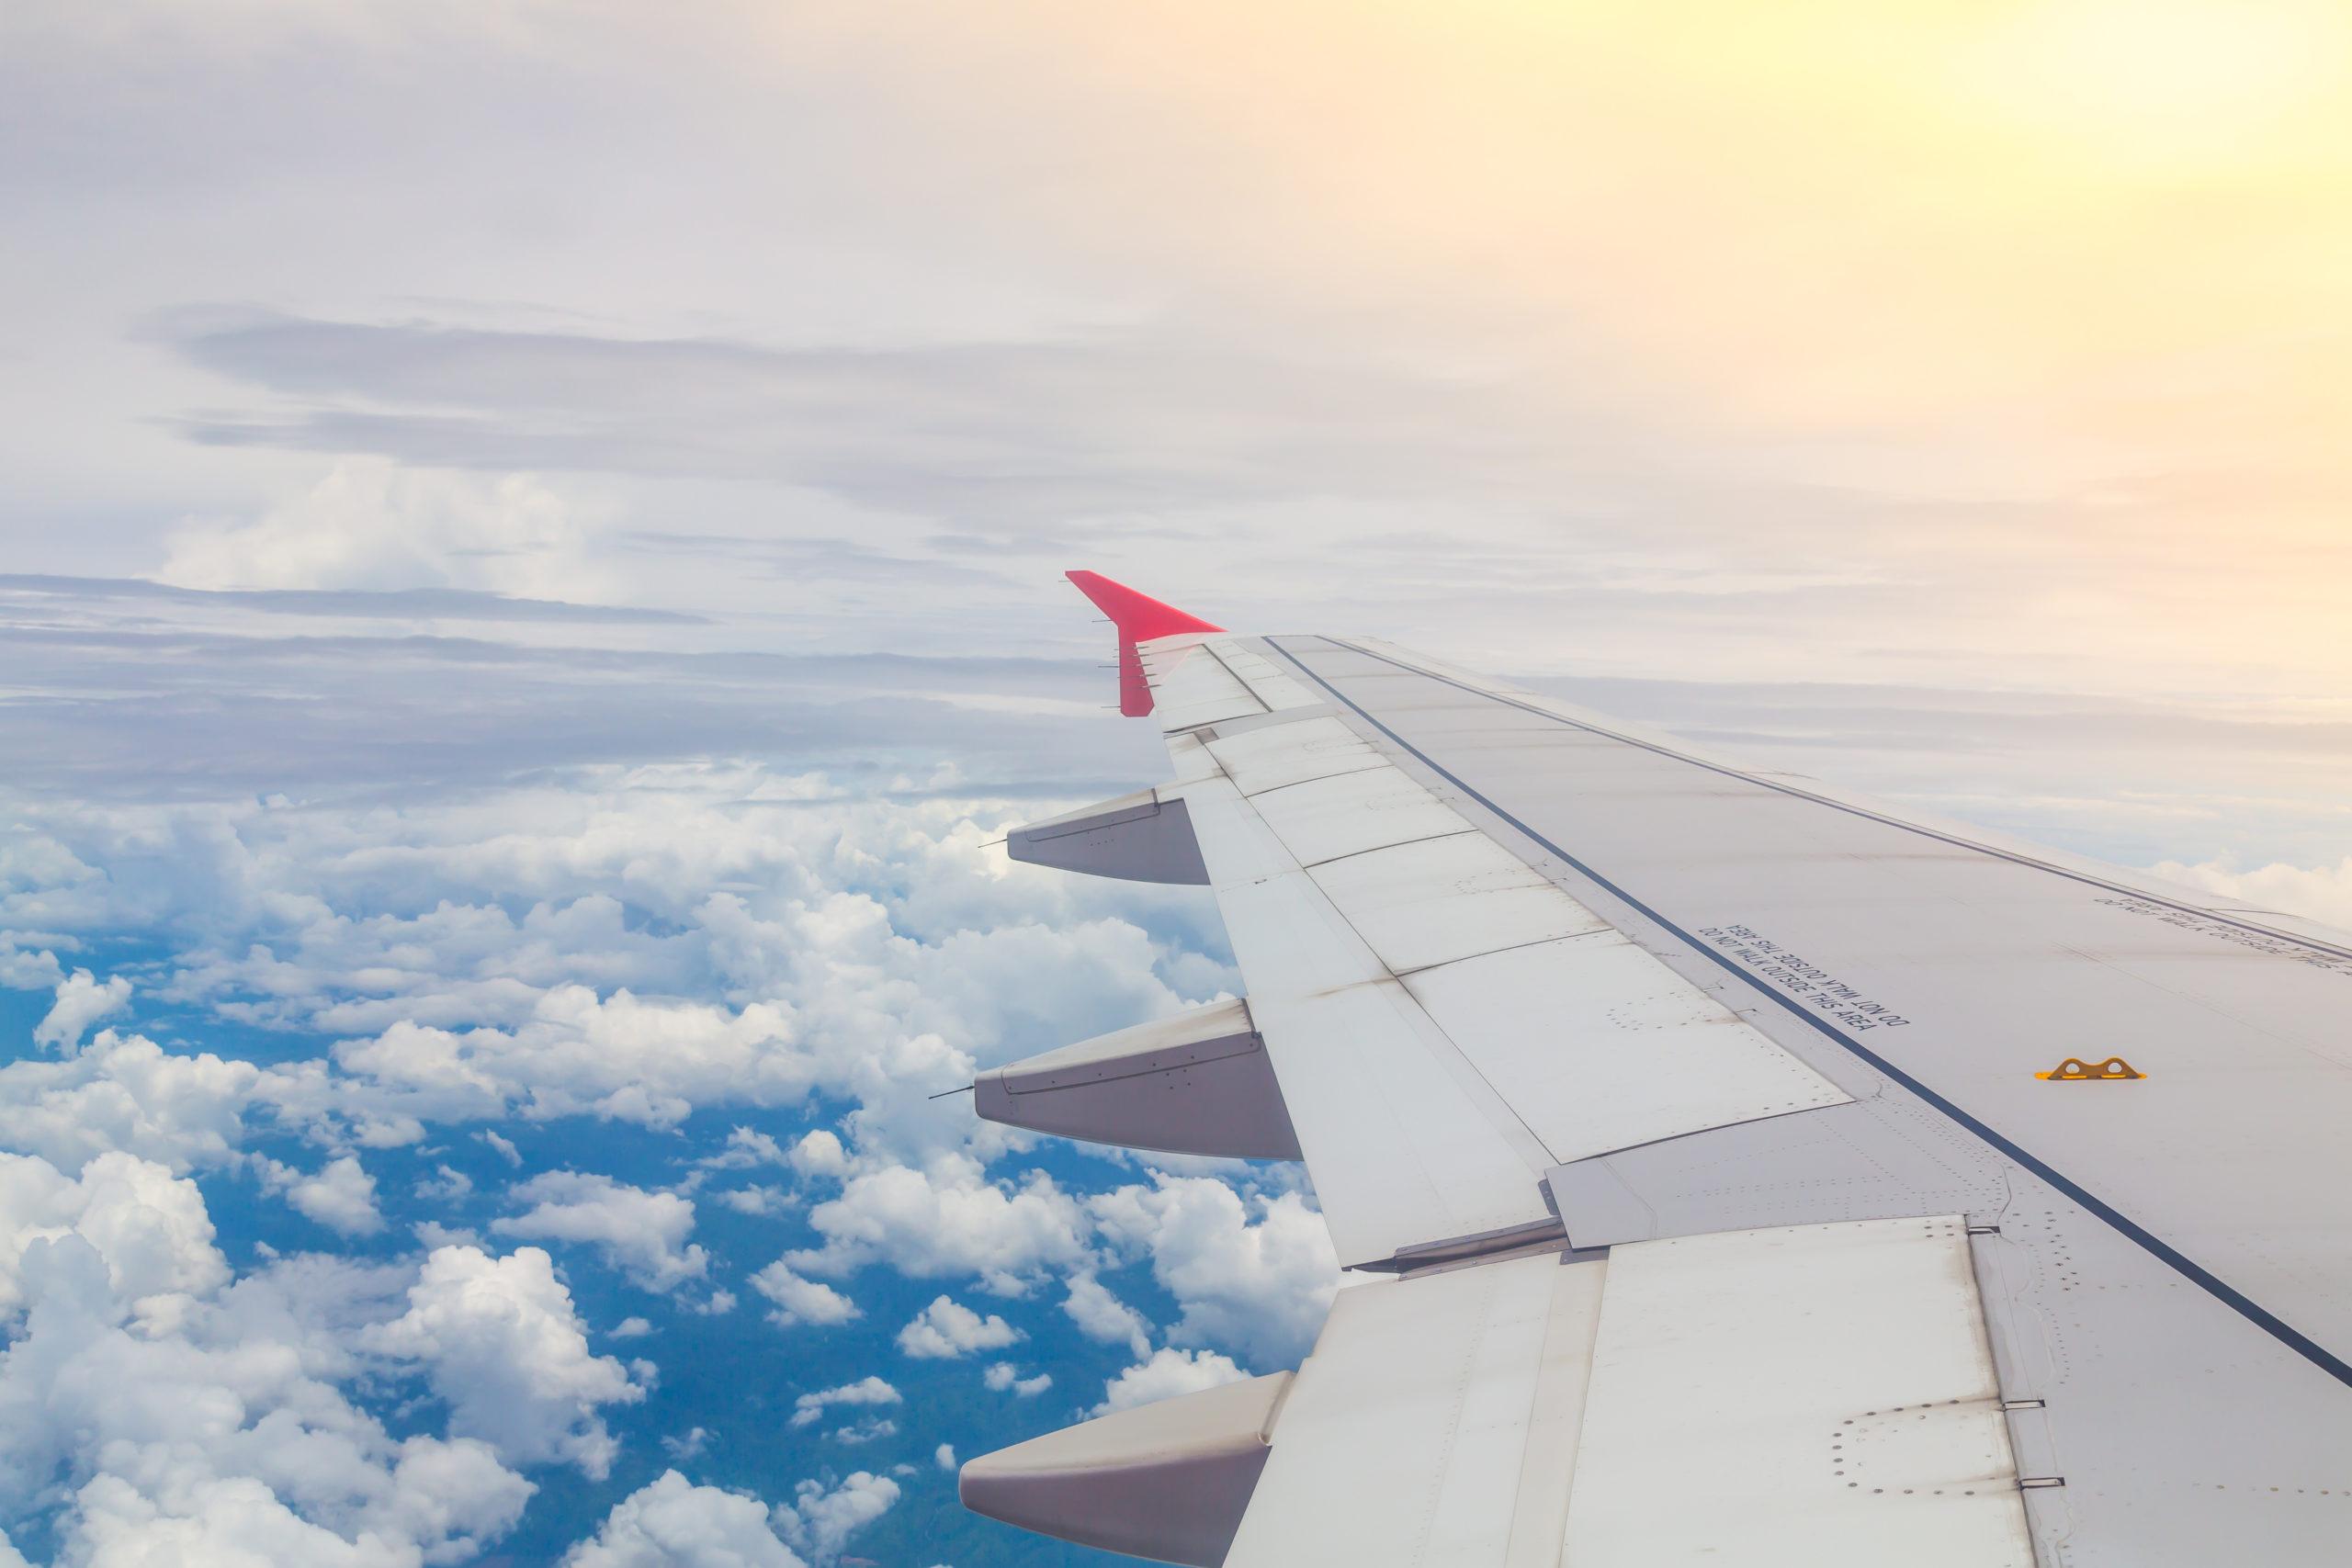 Cancelamento de voo nacional: conheça seus direitos